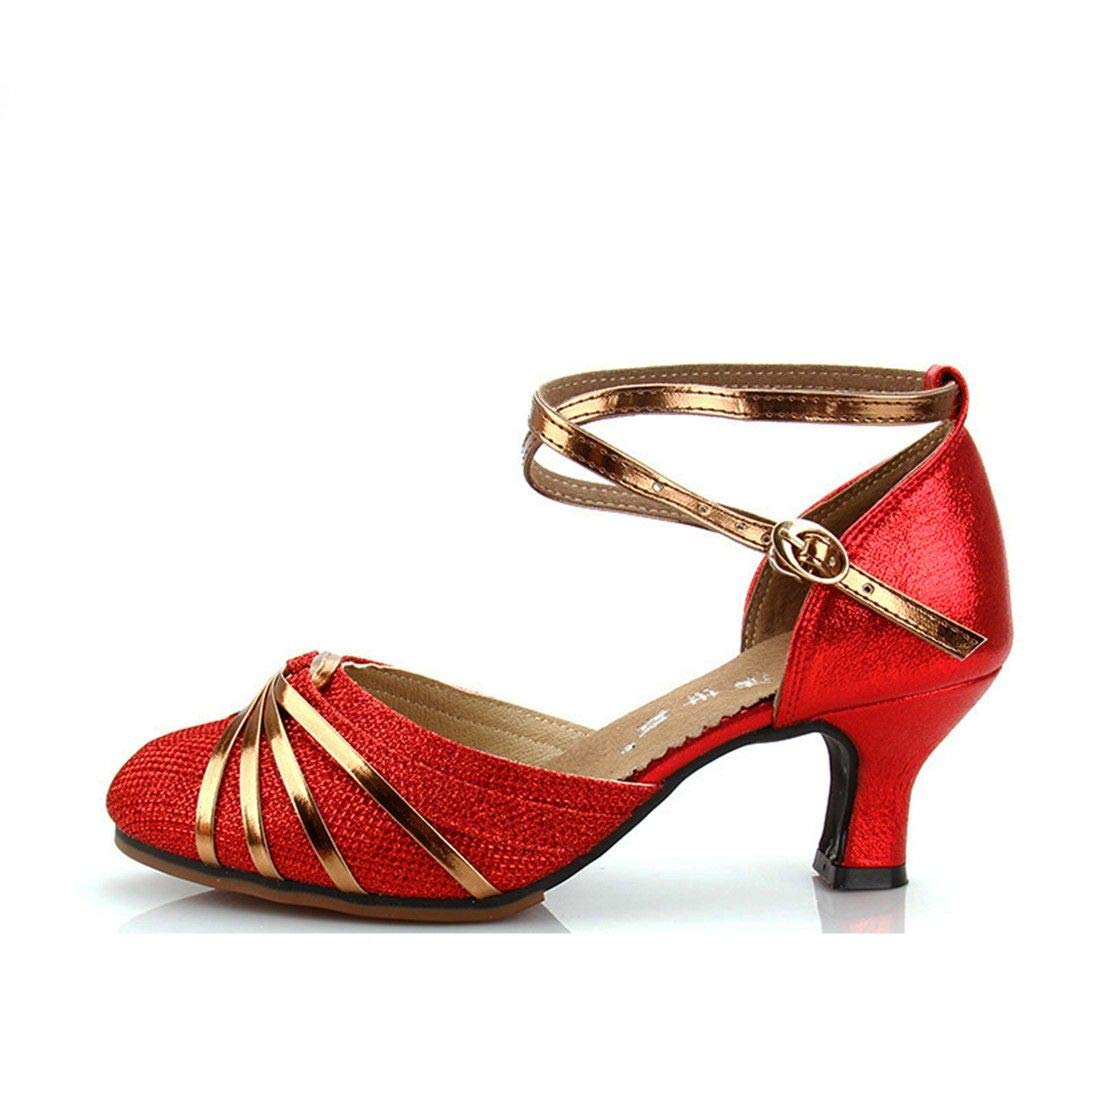 WXMDDN Chaussures Chaussures de Danse Latine carrée Femelle Danse Adulte Femelle à Talons Bas Chaussures de Danse d été Chaussures de Danse carrée Chaussures de Danse Chaussures Sandales Fond Mou Rouge 3e3373e - reprogrammed.space